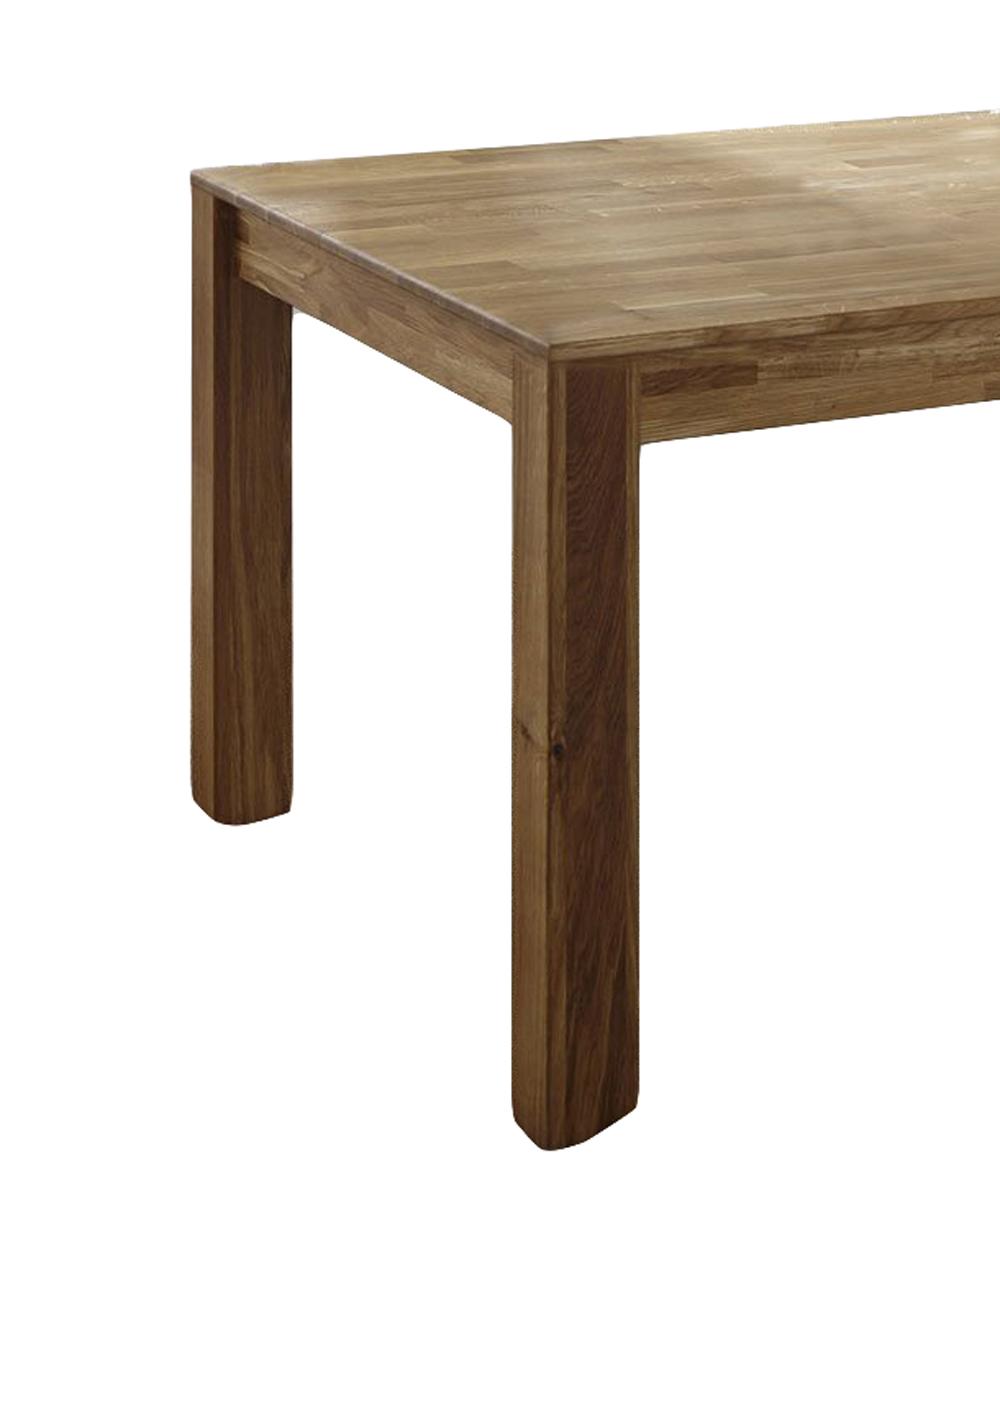 Sale Esstisch Massivholz Eiche 160 X 90 Cm Holztisch Elli